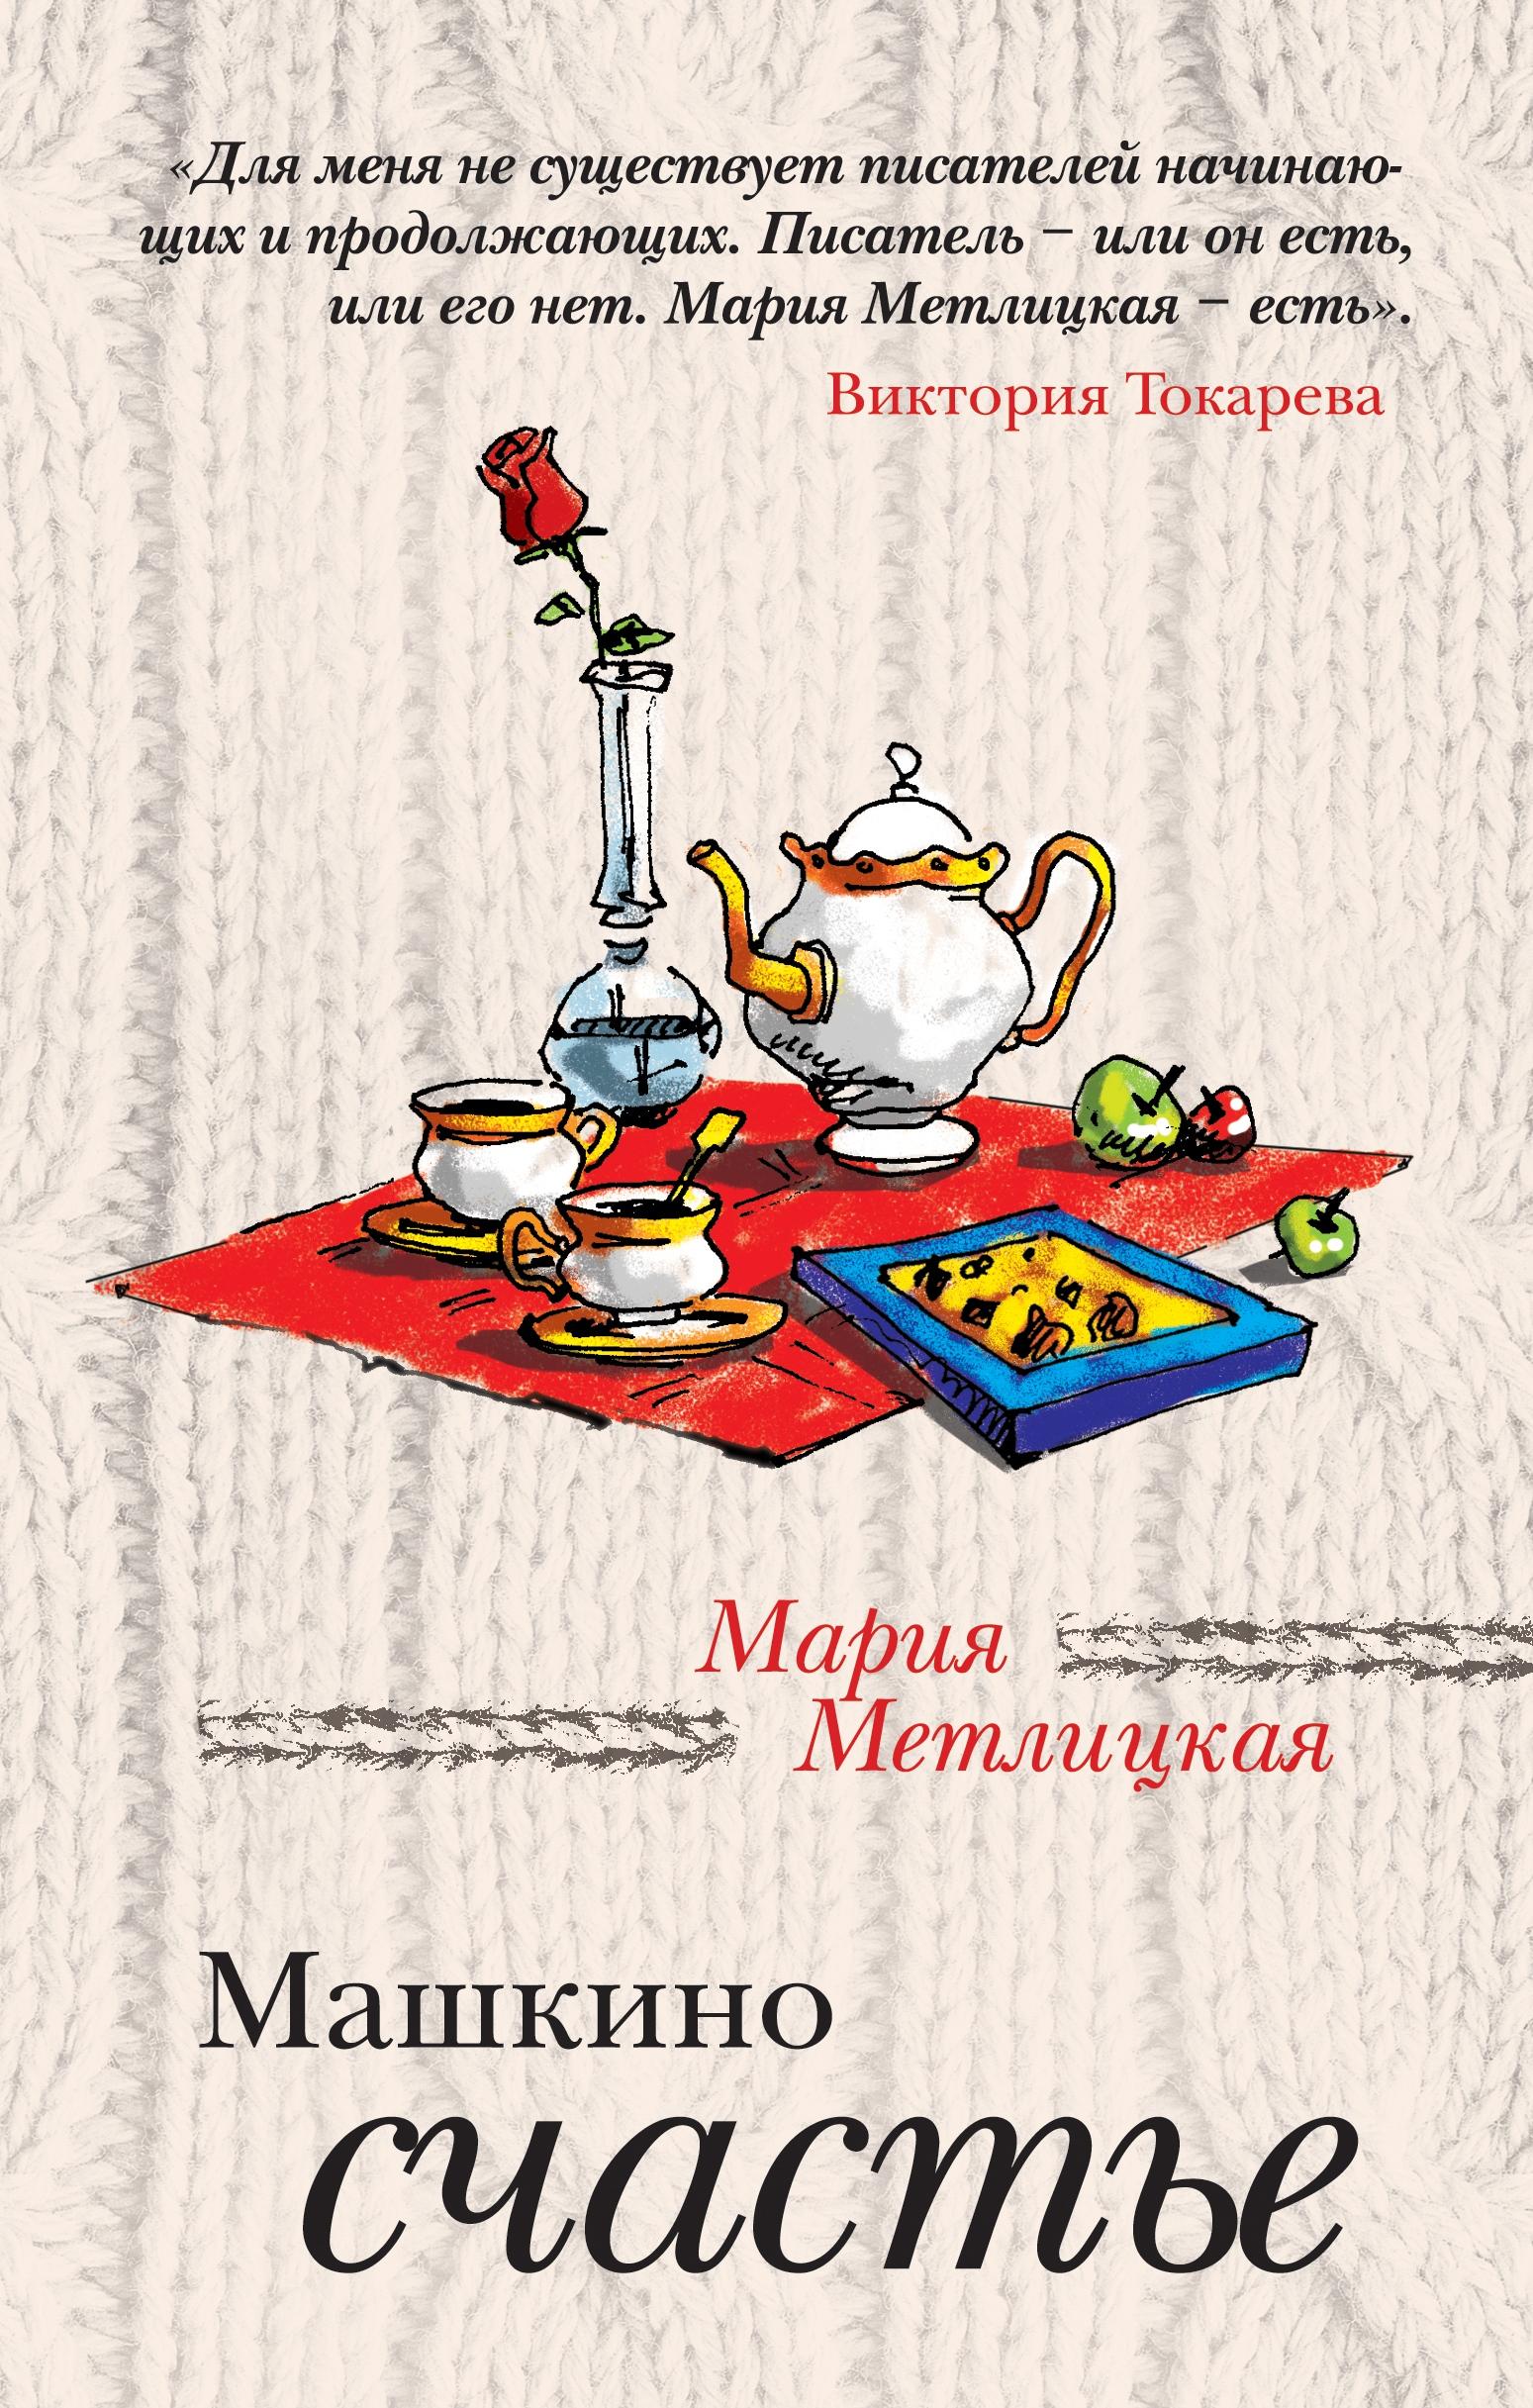 Мария Метлицкая Машкино счастье (сборник) метлицкая мария машкино счастье журнал лиза комплект